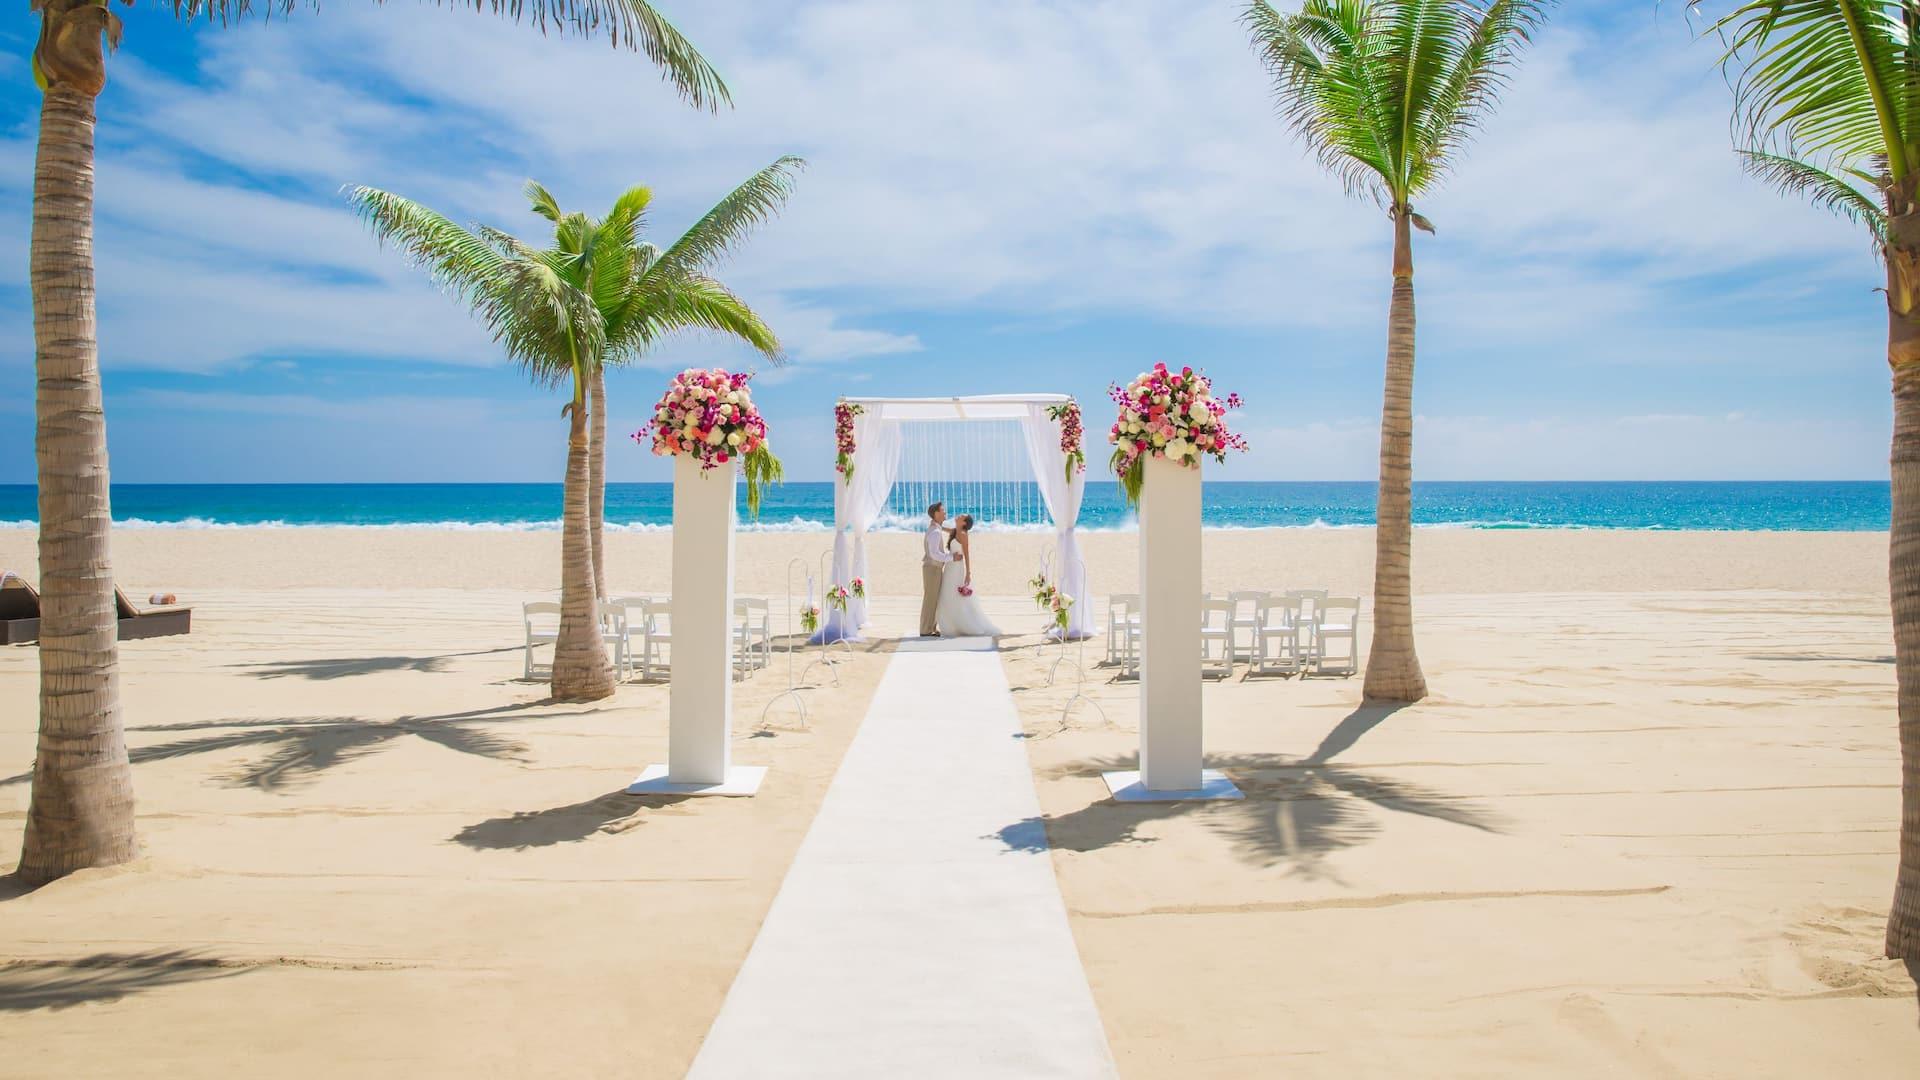 Cabo Wedding Venues – Hyatt Ziva Los Cabos